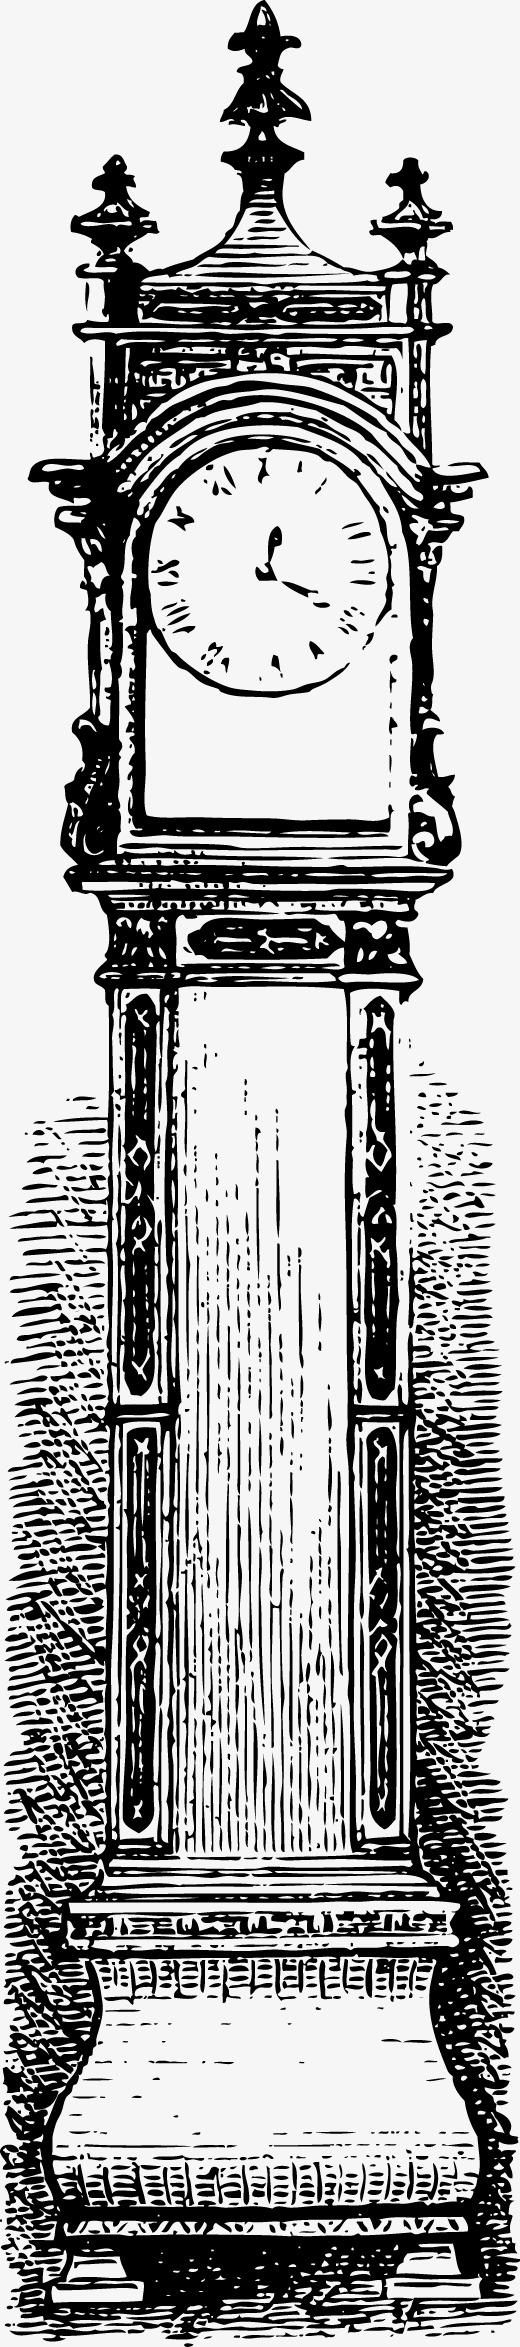 欧式手绘大本钟(图片编号:15397421)